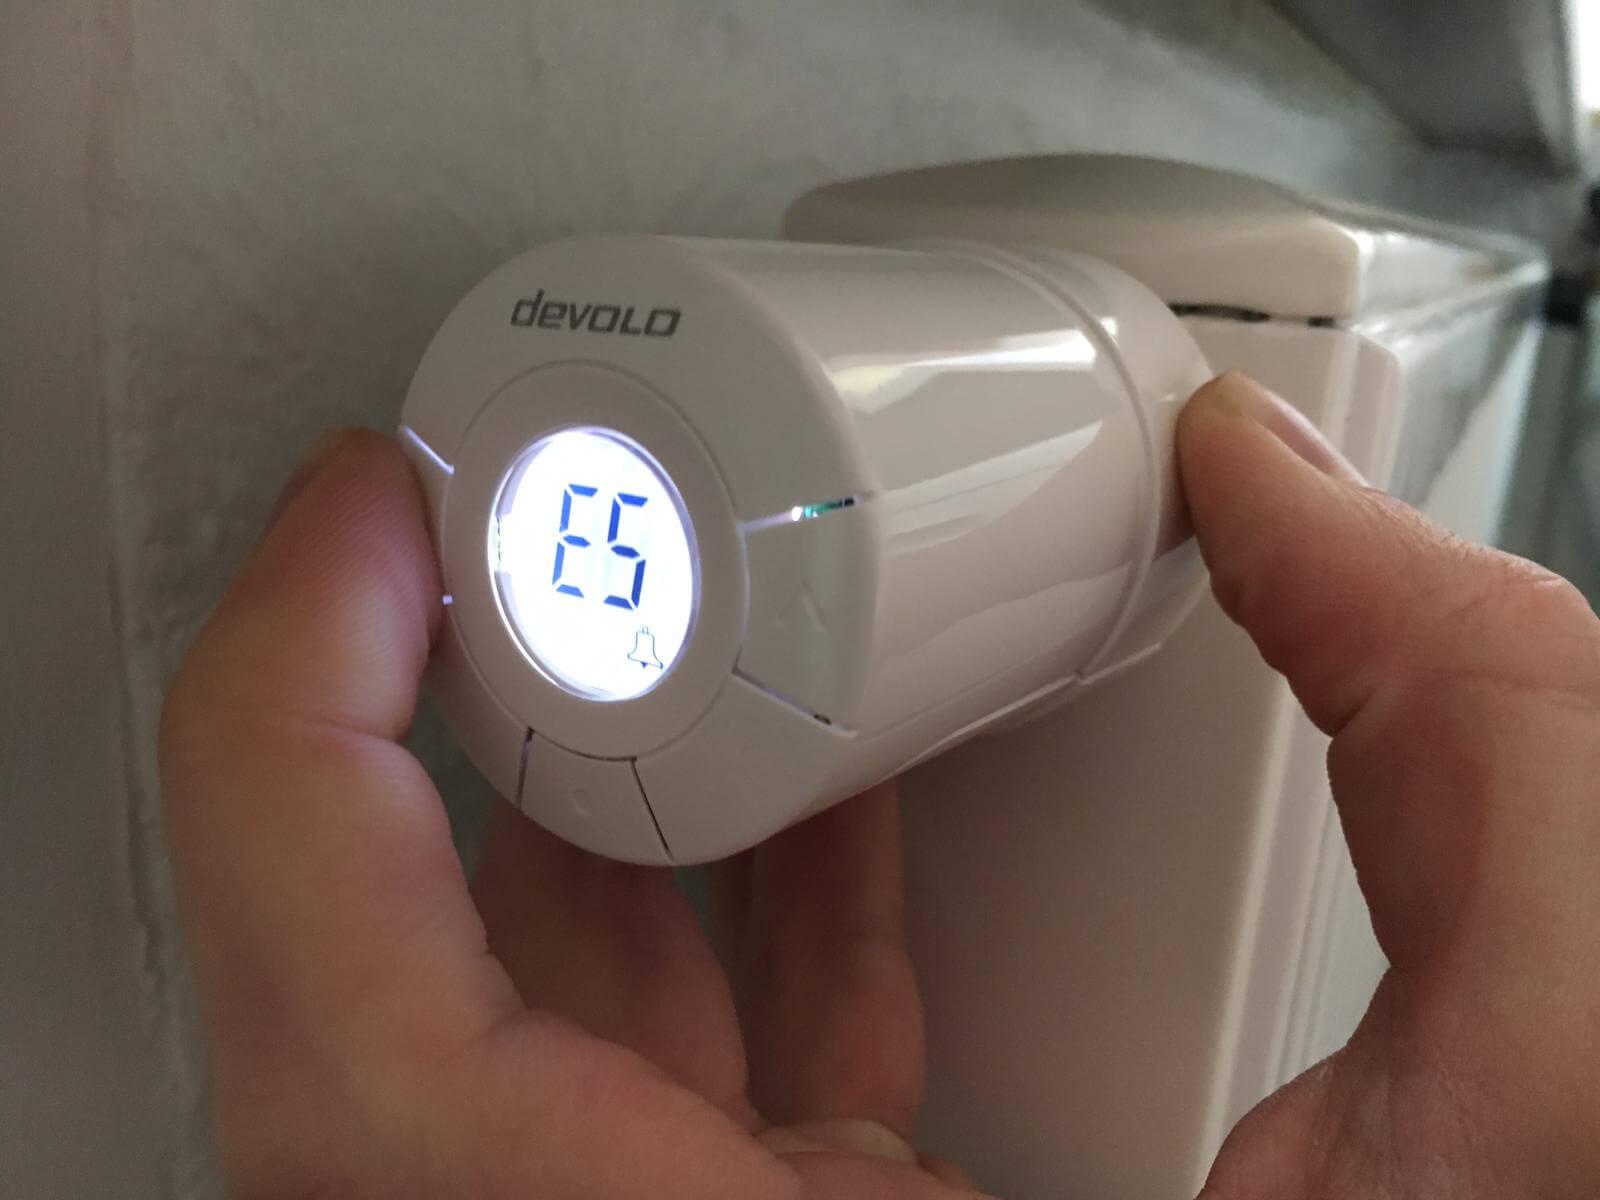 voordelen slimme thermostaatkraan